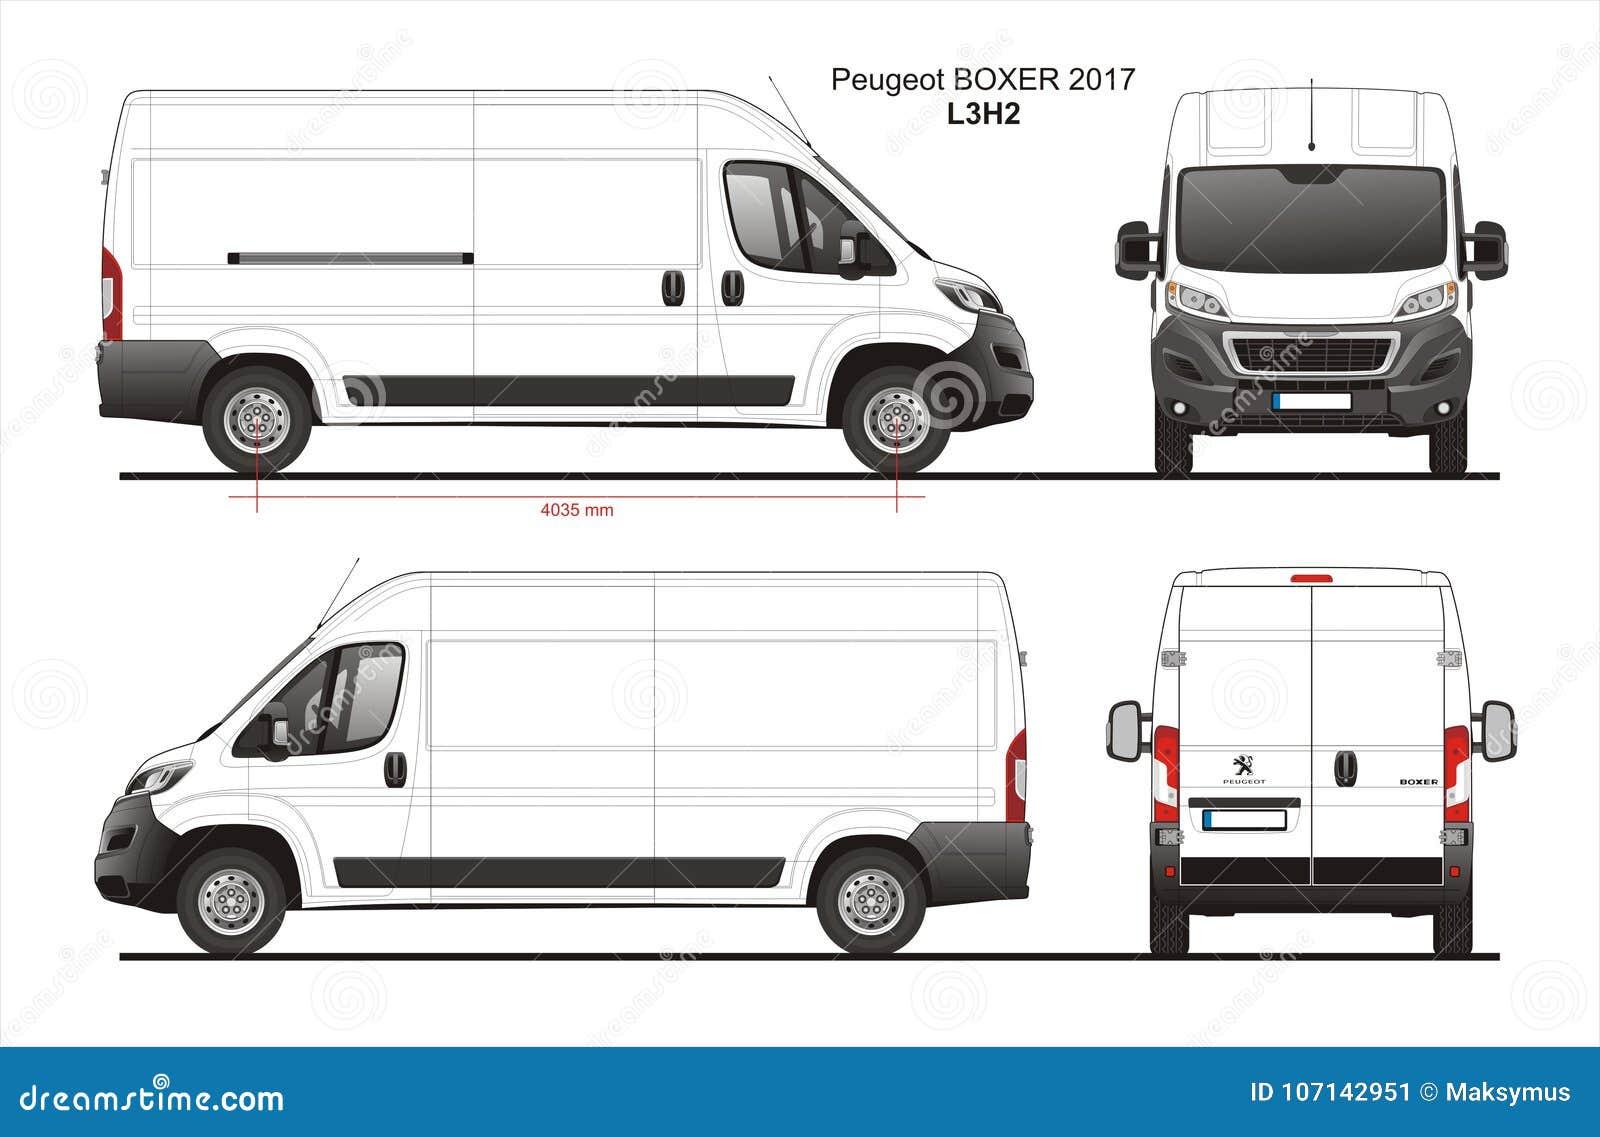 标致汽车拳击手货物送货车2017 L3H2图纸